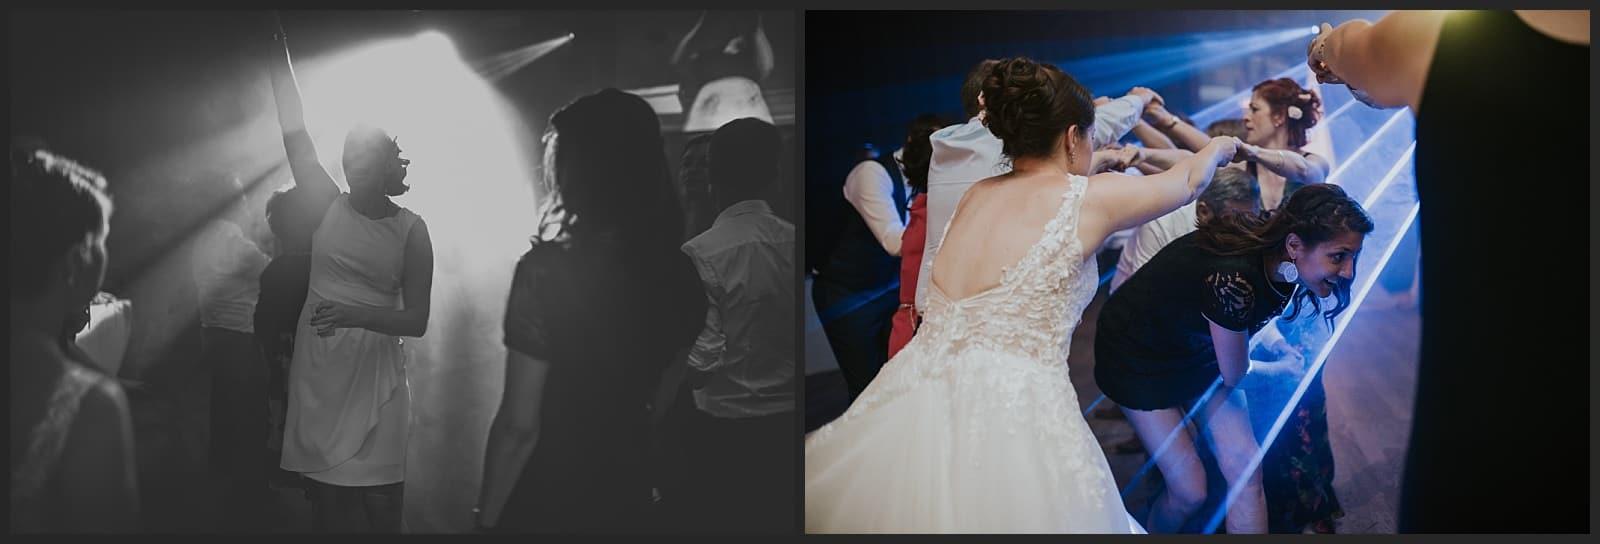 Invités faisant la fête au clos des cèdres à Limoges, photographe de mariage vivien malagnat